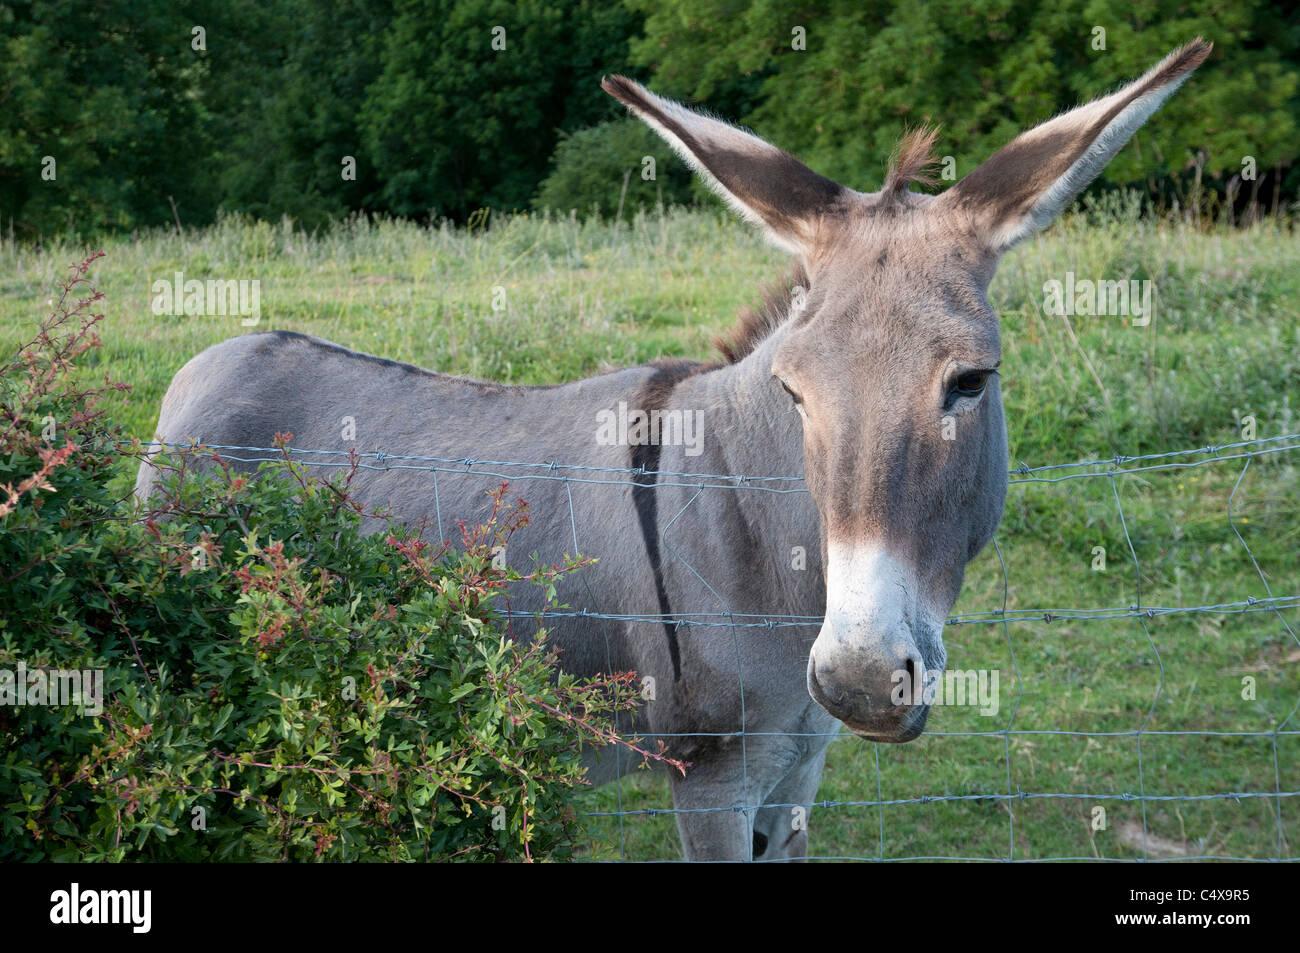 ane donkey - Stock Image